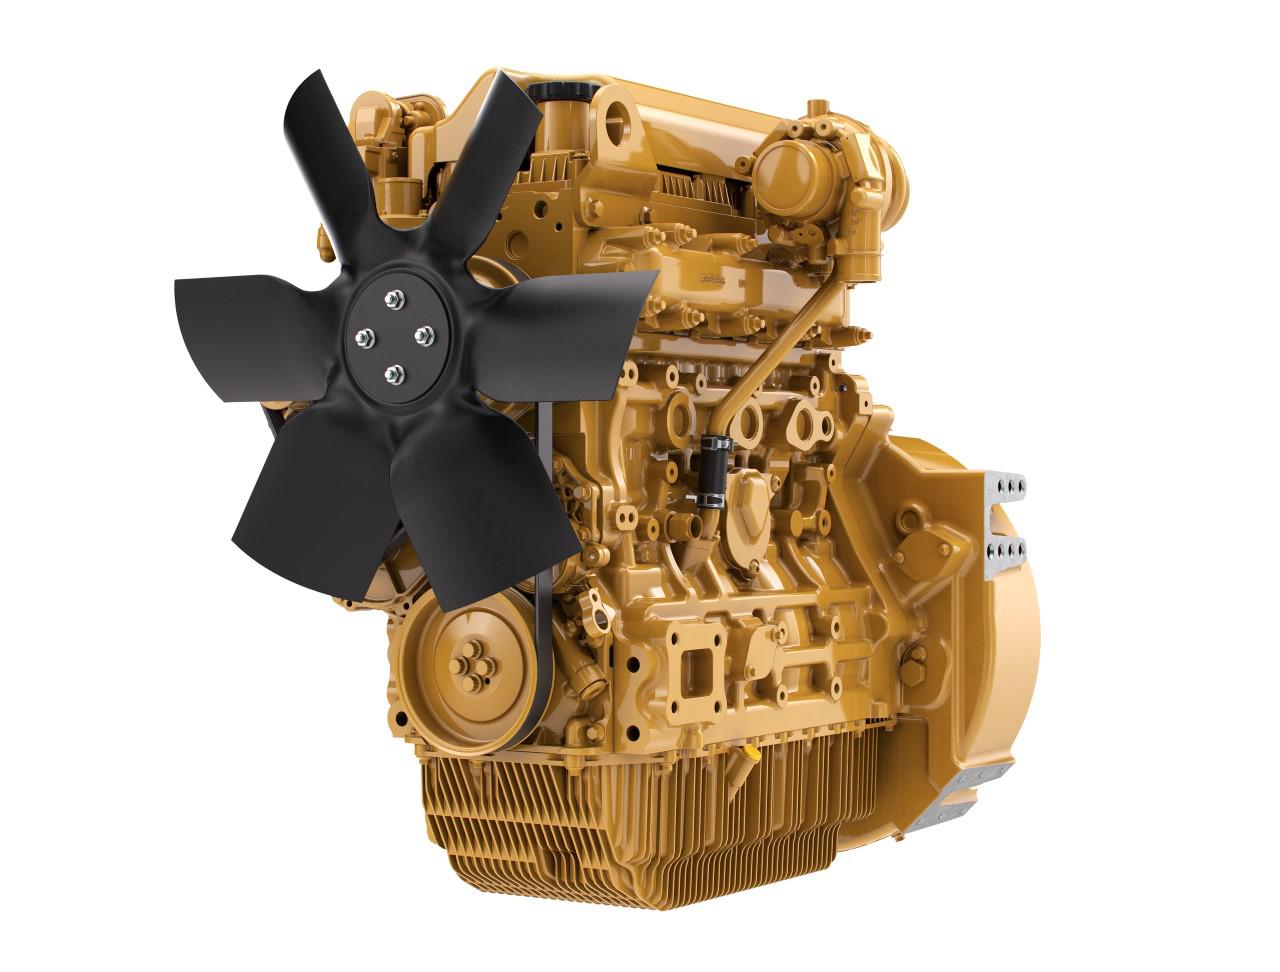 Eqw cat C3 6 Engine A011240 B C3 6 V2